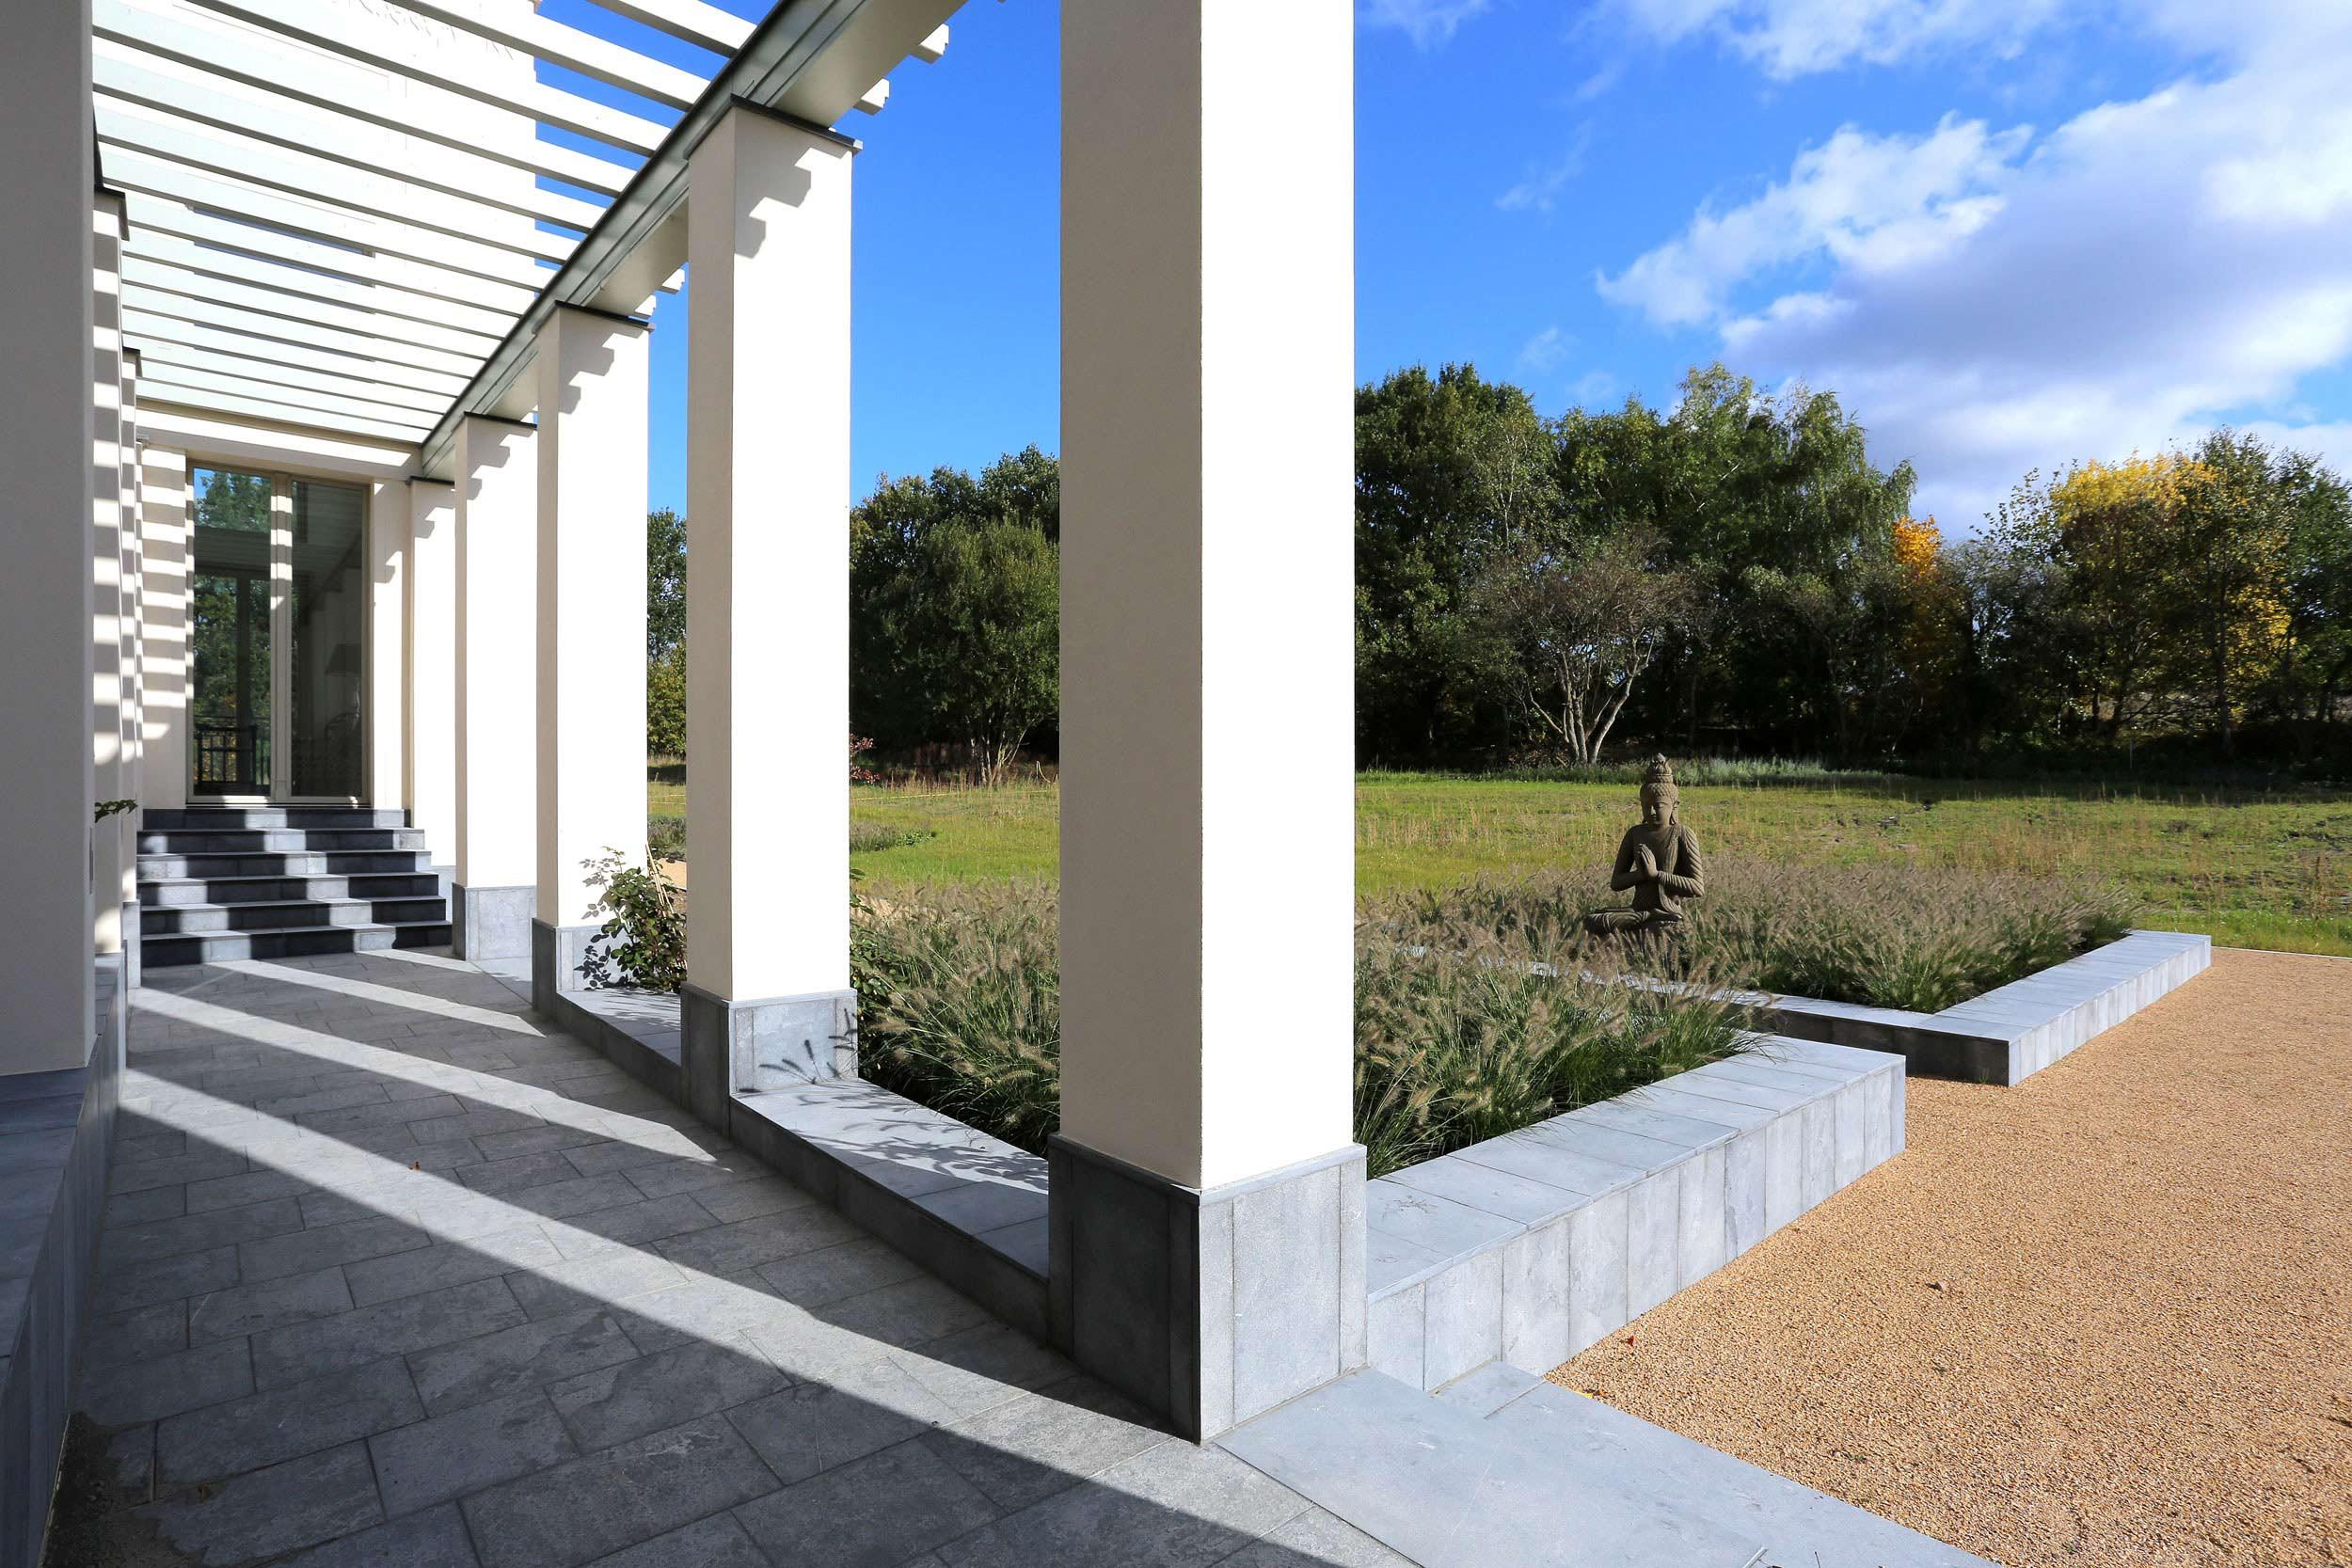 KLASSIK UND TRADITION - Neubau klassizistische Villa - Vom Pergolagang aus hat man Ausblick in die Landschaft.